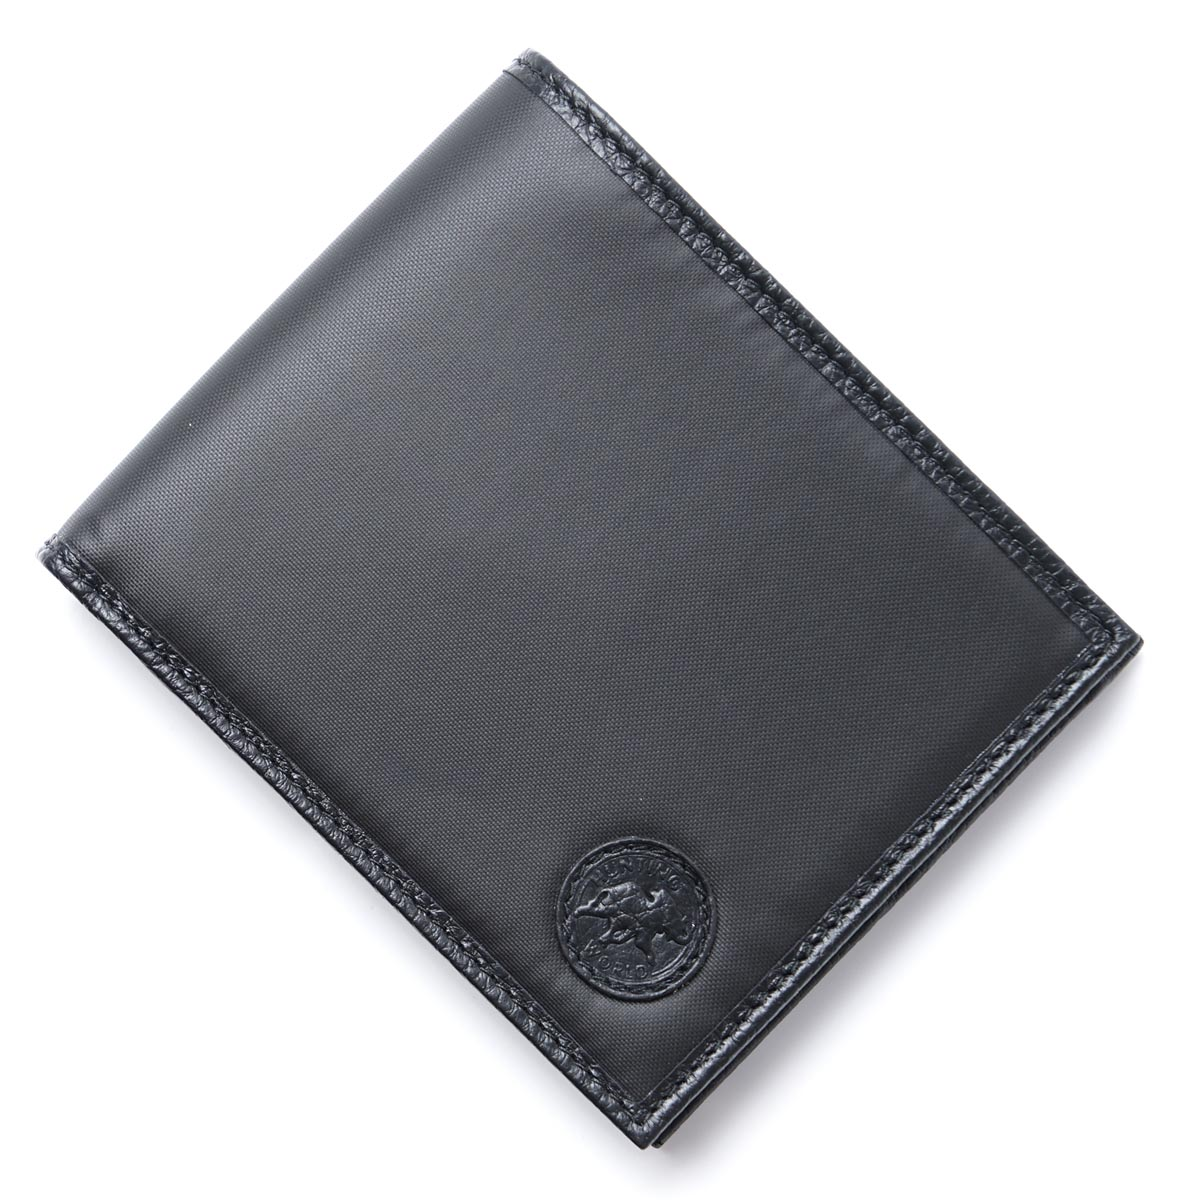 ハンティングワールド HUNTING WORLD 二つ折り 財布 ブラック メンズ ウォレット ギフト プレゼント 320 13a BATTUE ORIGIN【あす楽対応_関東】【返品送料無料】【ラッピング無料】【190326】